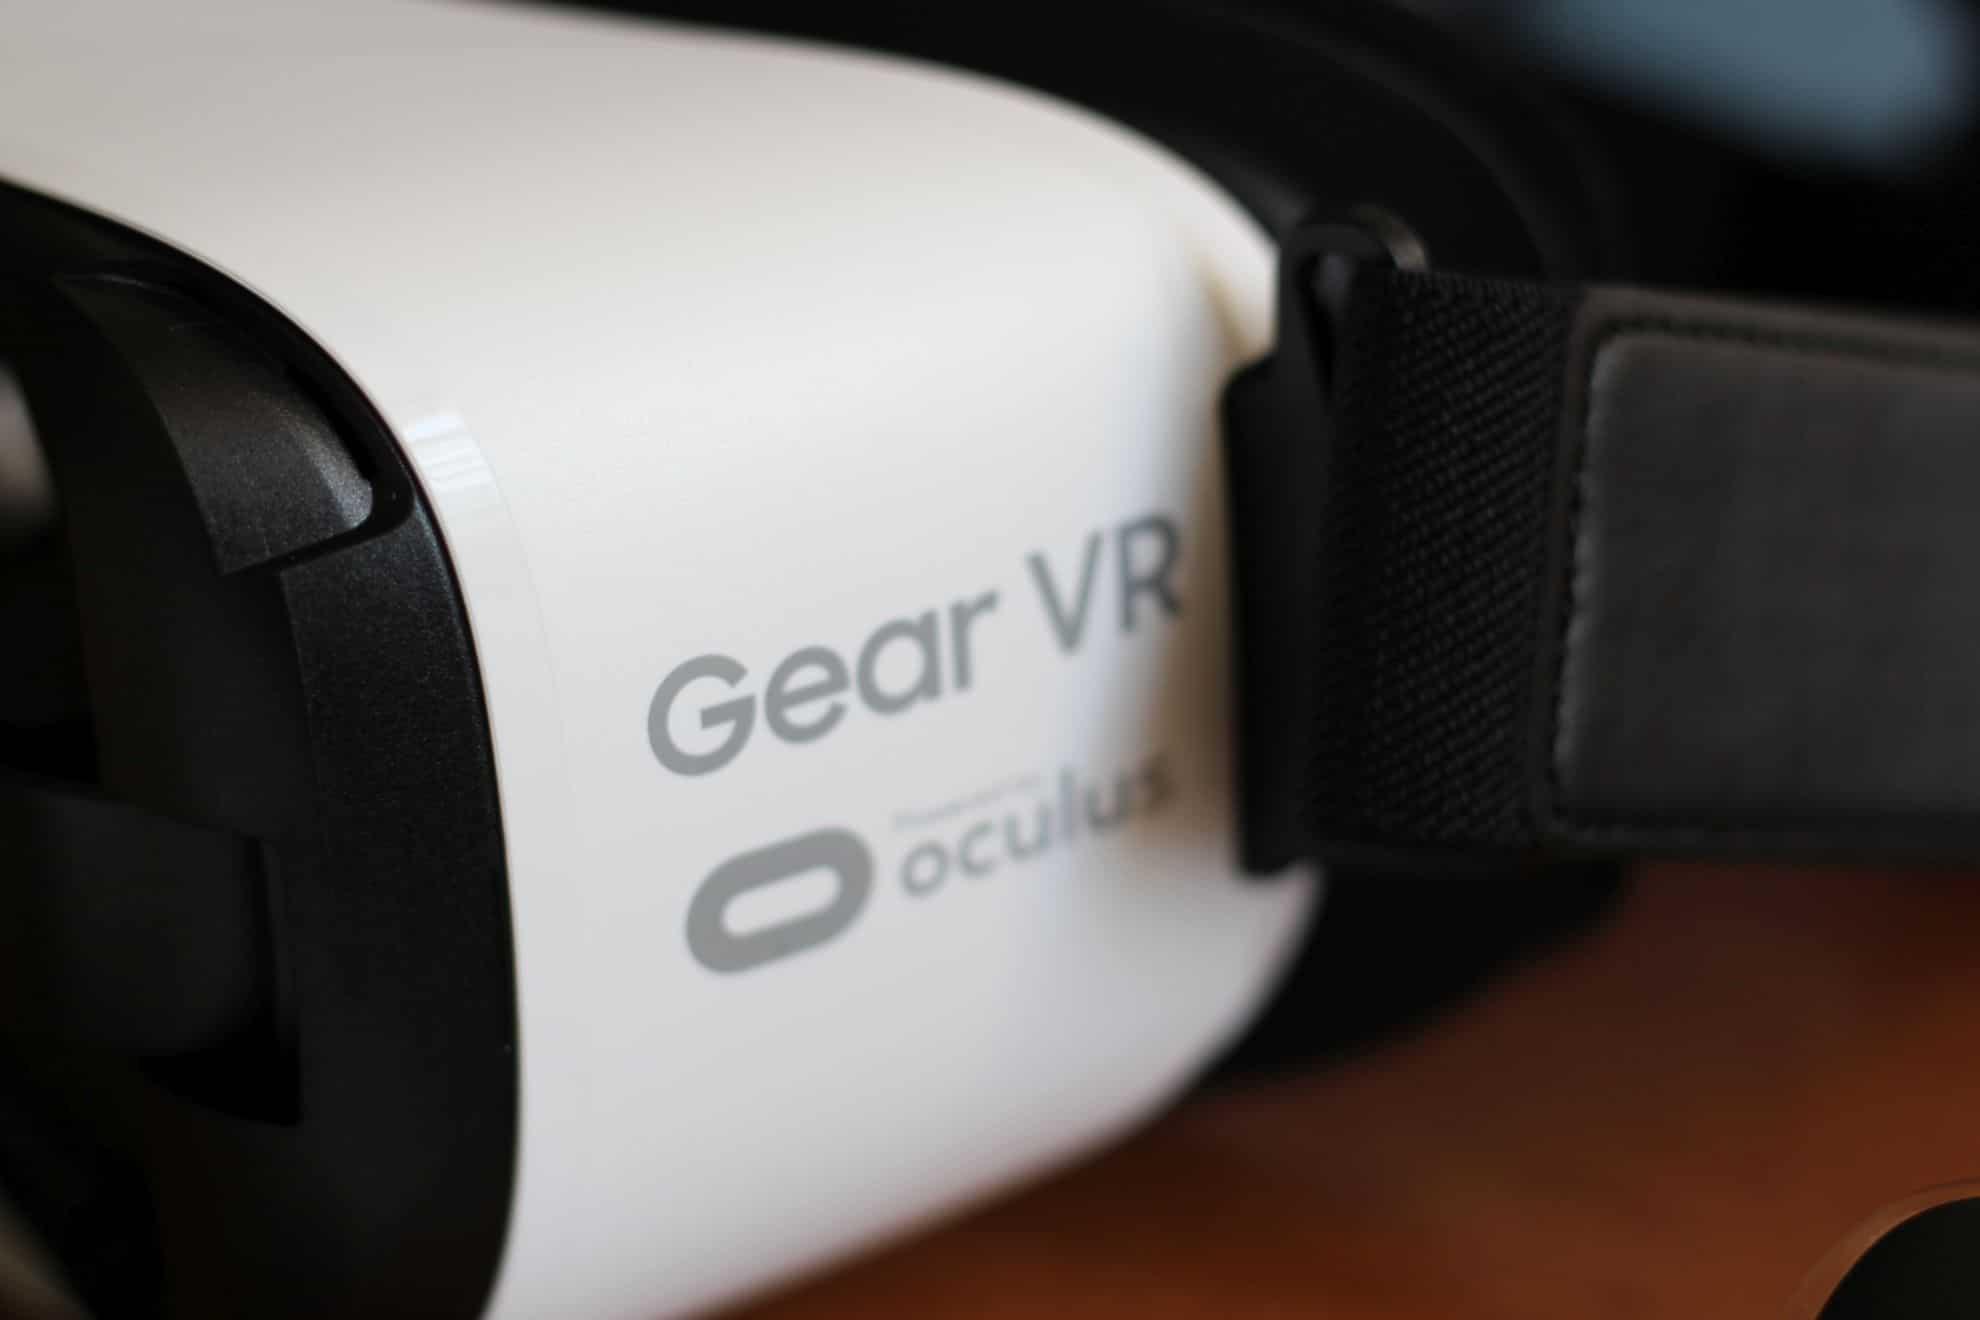 Mehr Apps für Gear VR. (Foto: Sven Wernicke)